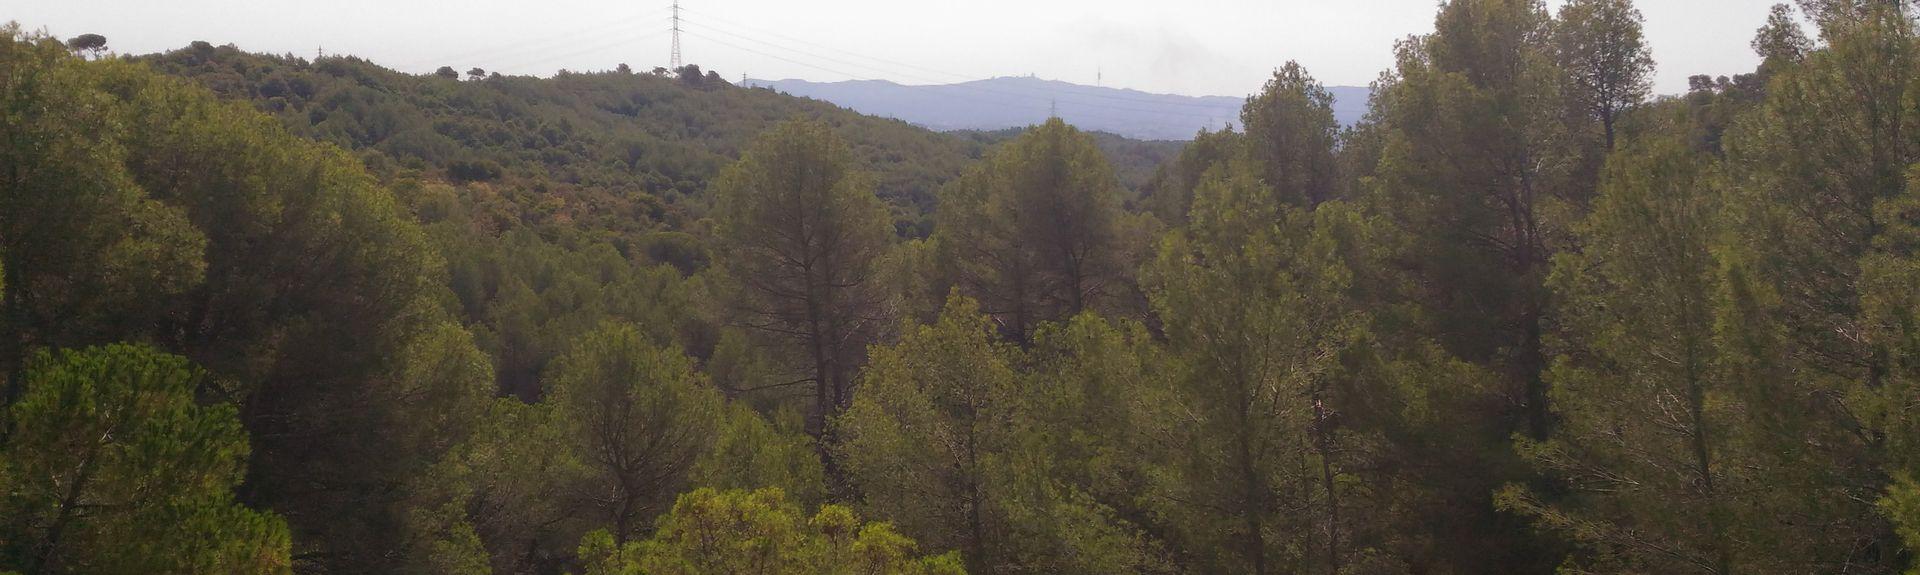 Sardañola del Vallés, Cataluña, España